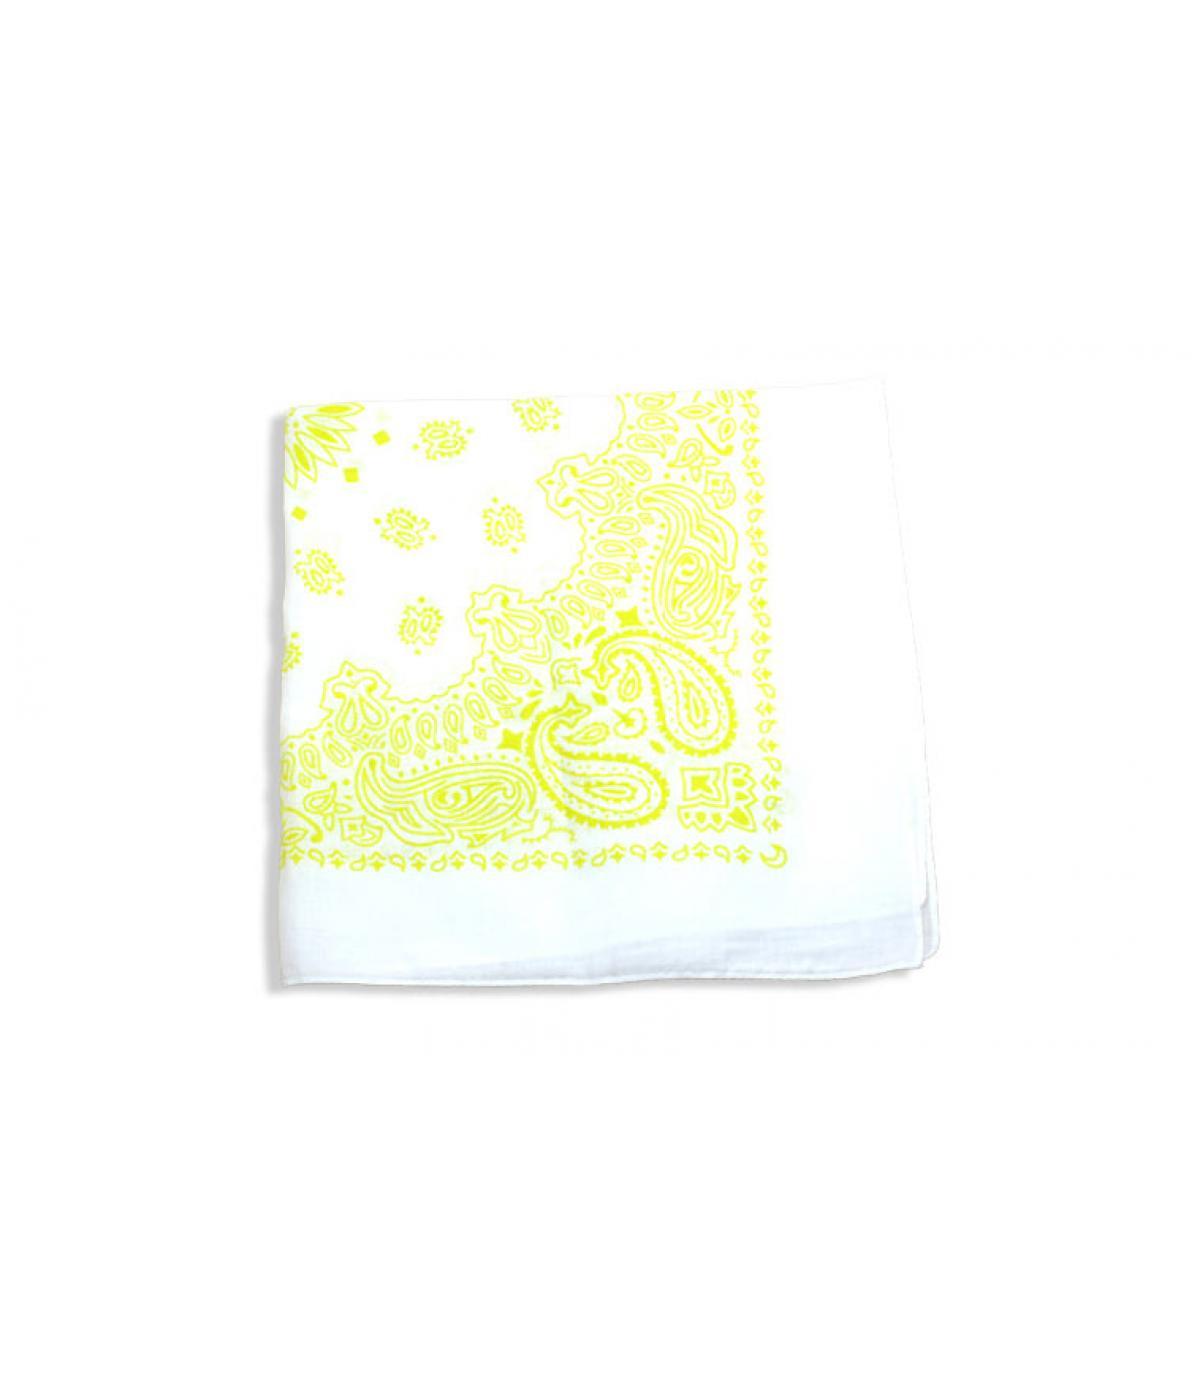 bandana blanc et jaune